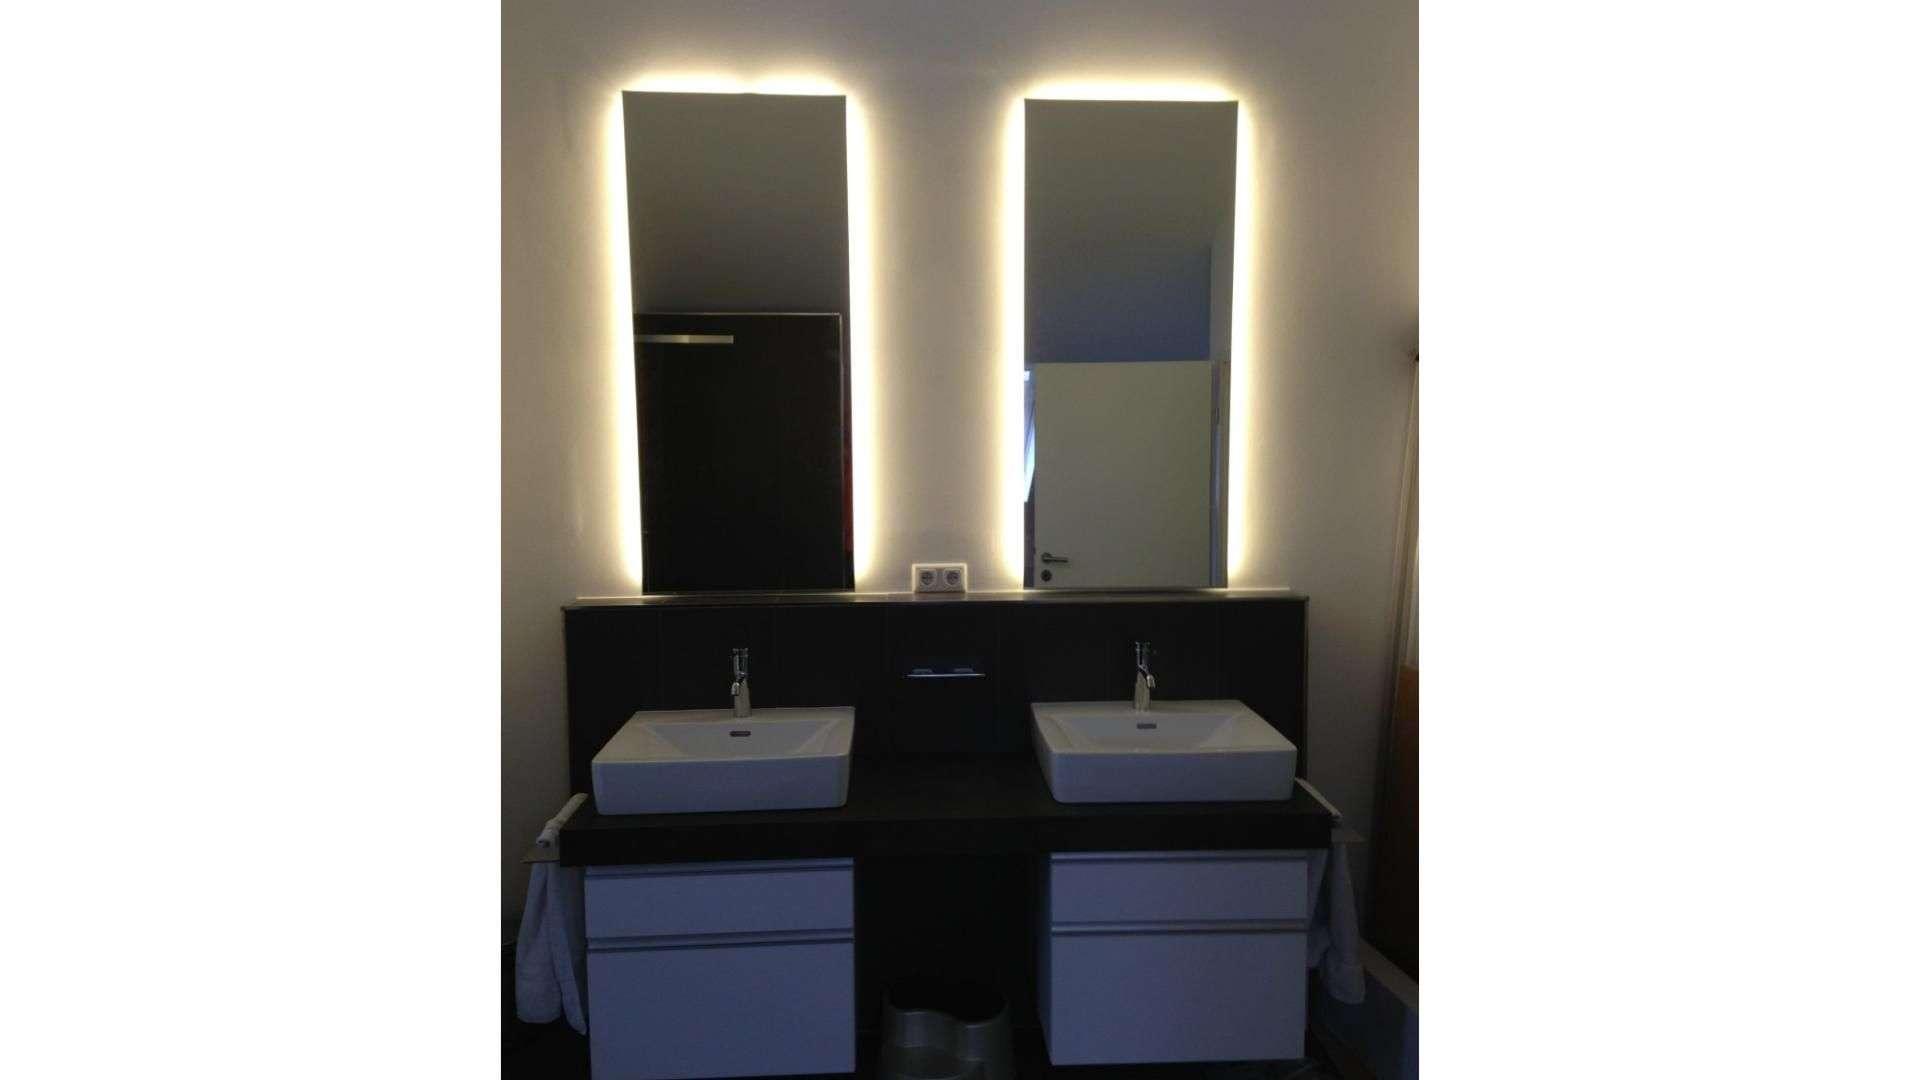 zwei beleuchtete Spiegel über zwei Waschbecken